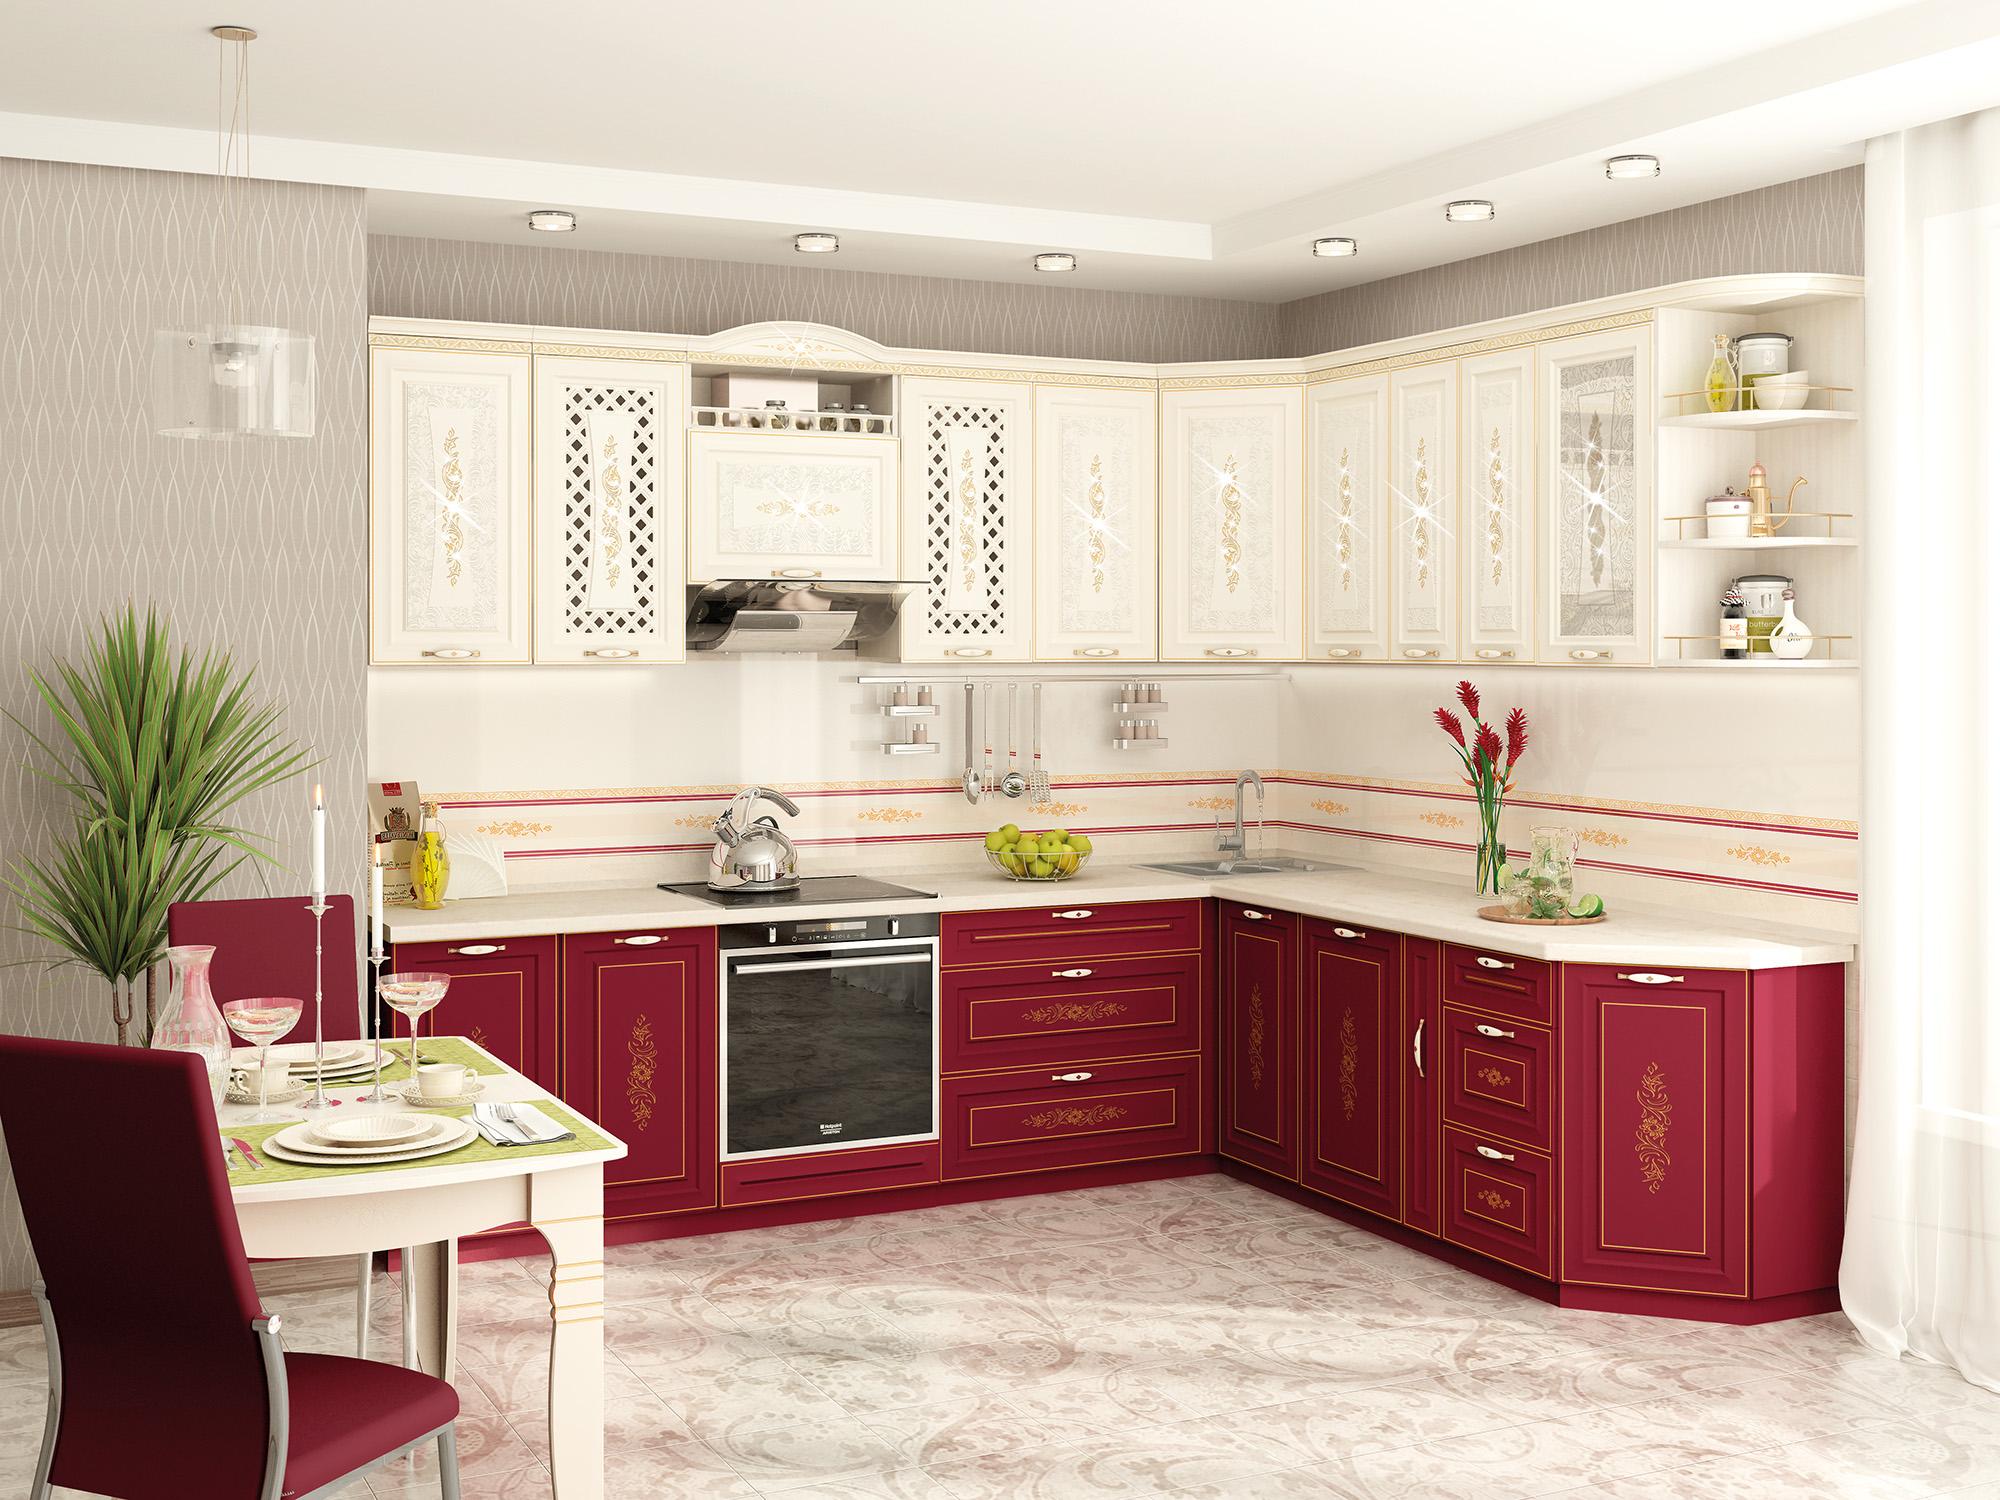 самые красивые кухни фото угловые